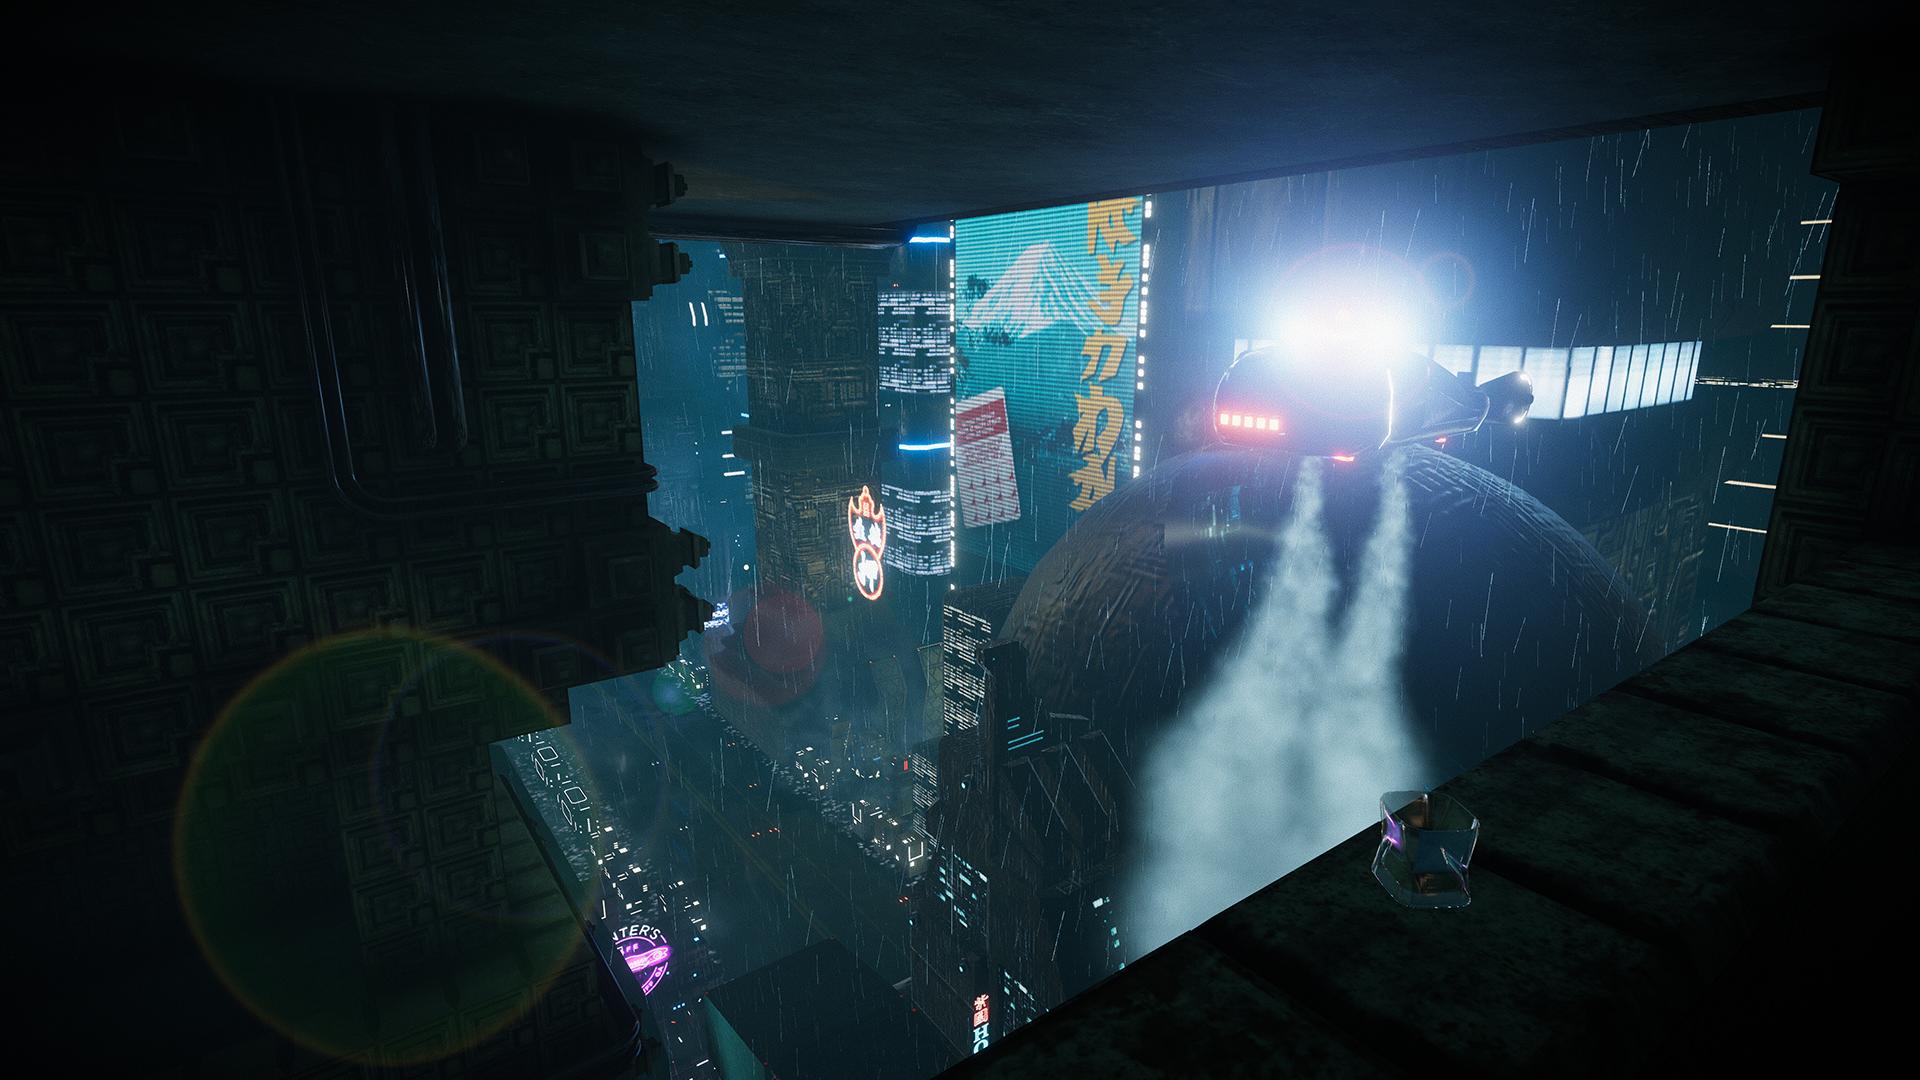 Blade Runner VR